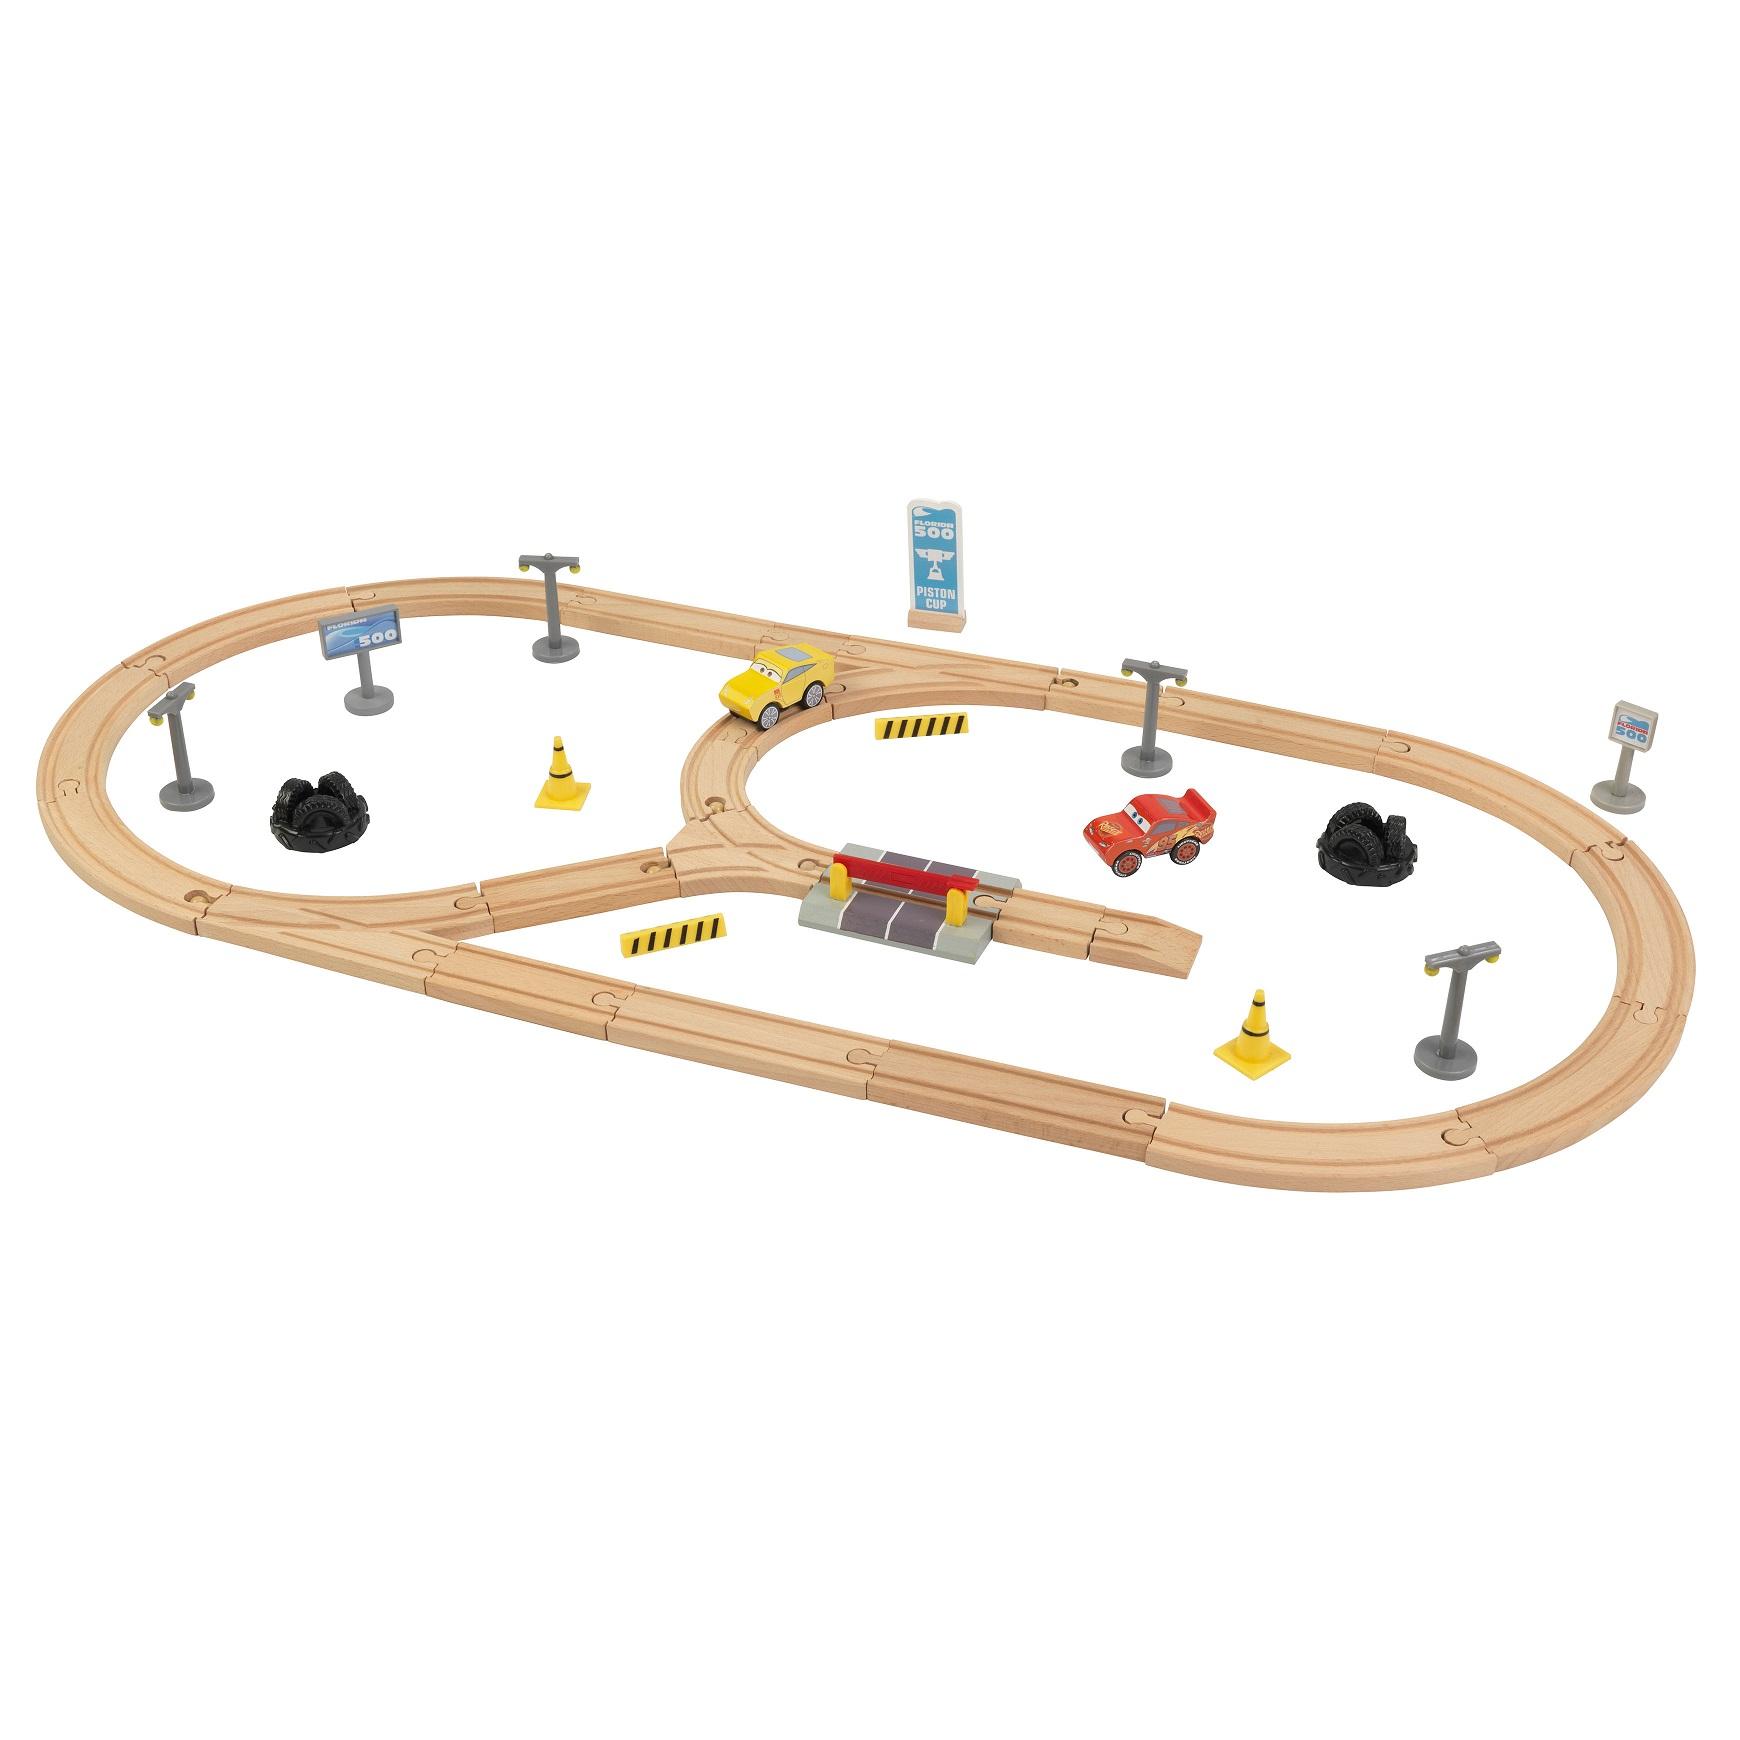 pack pista de carretera de madera disney® pixar cars 3 - 17213 Imagen 4